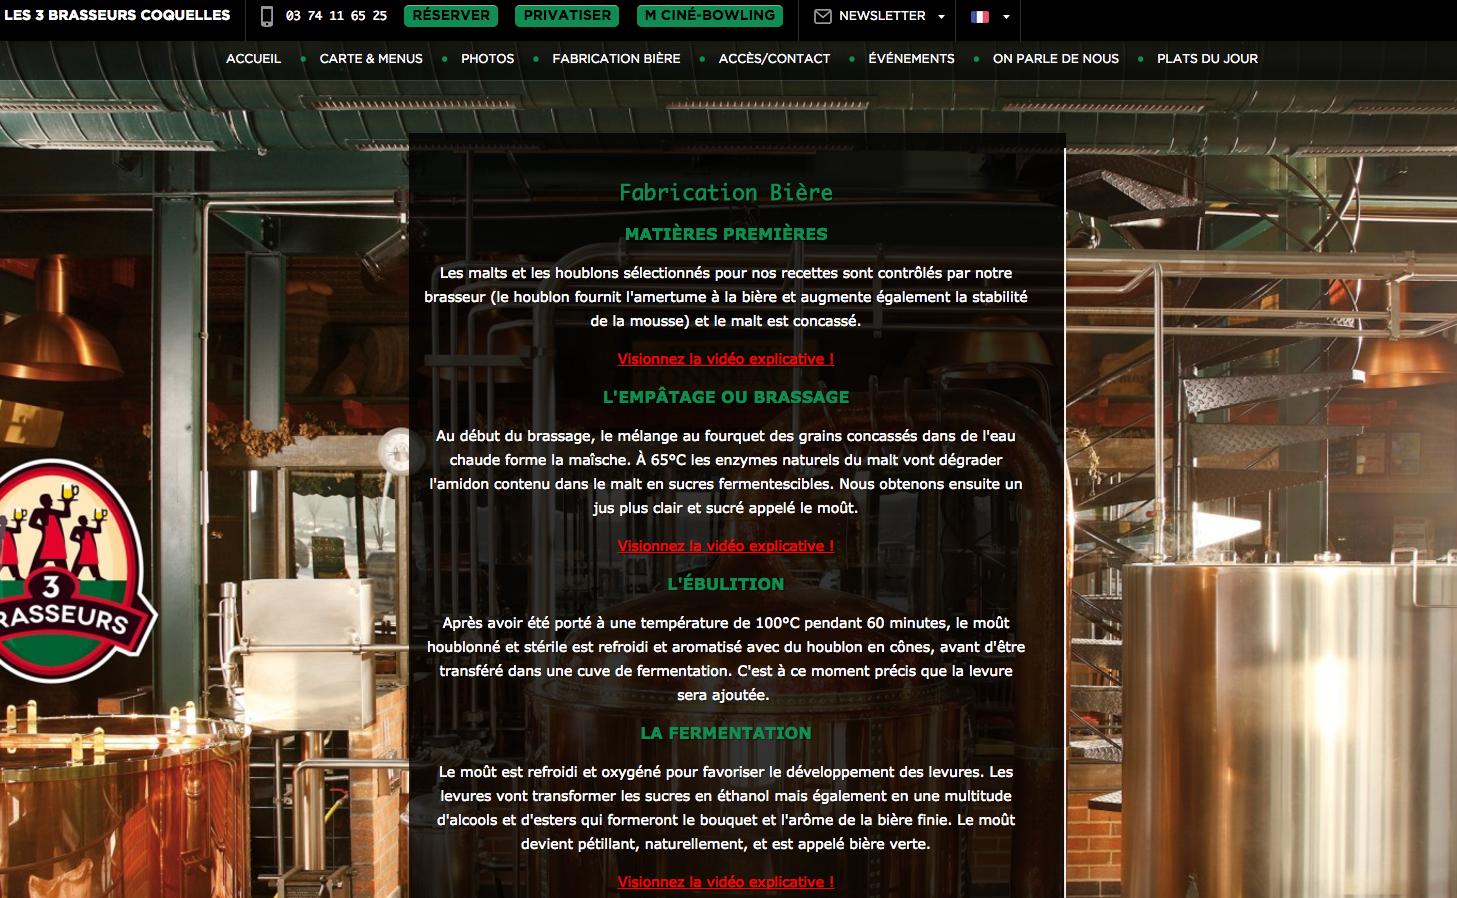 Communiquer_sur_son_restaurant_3_brasseurs.png